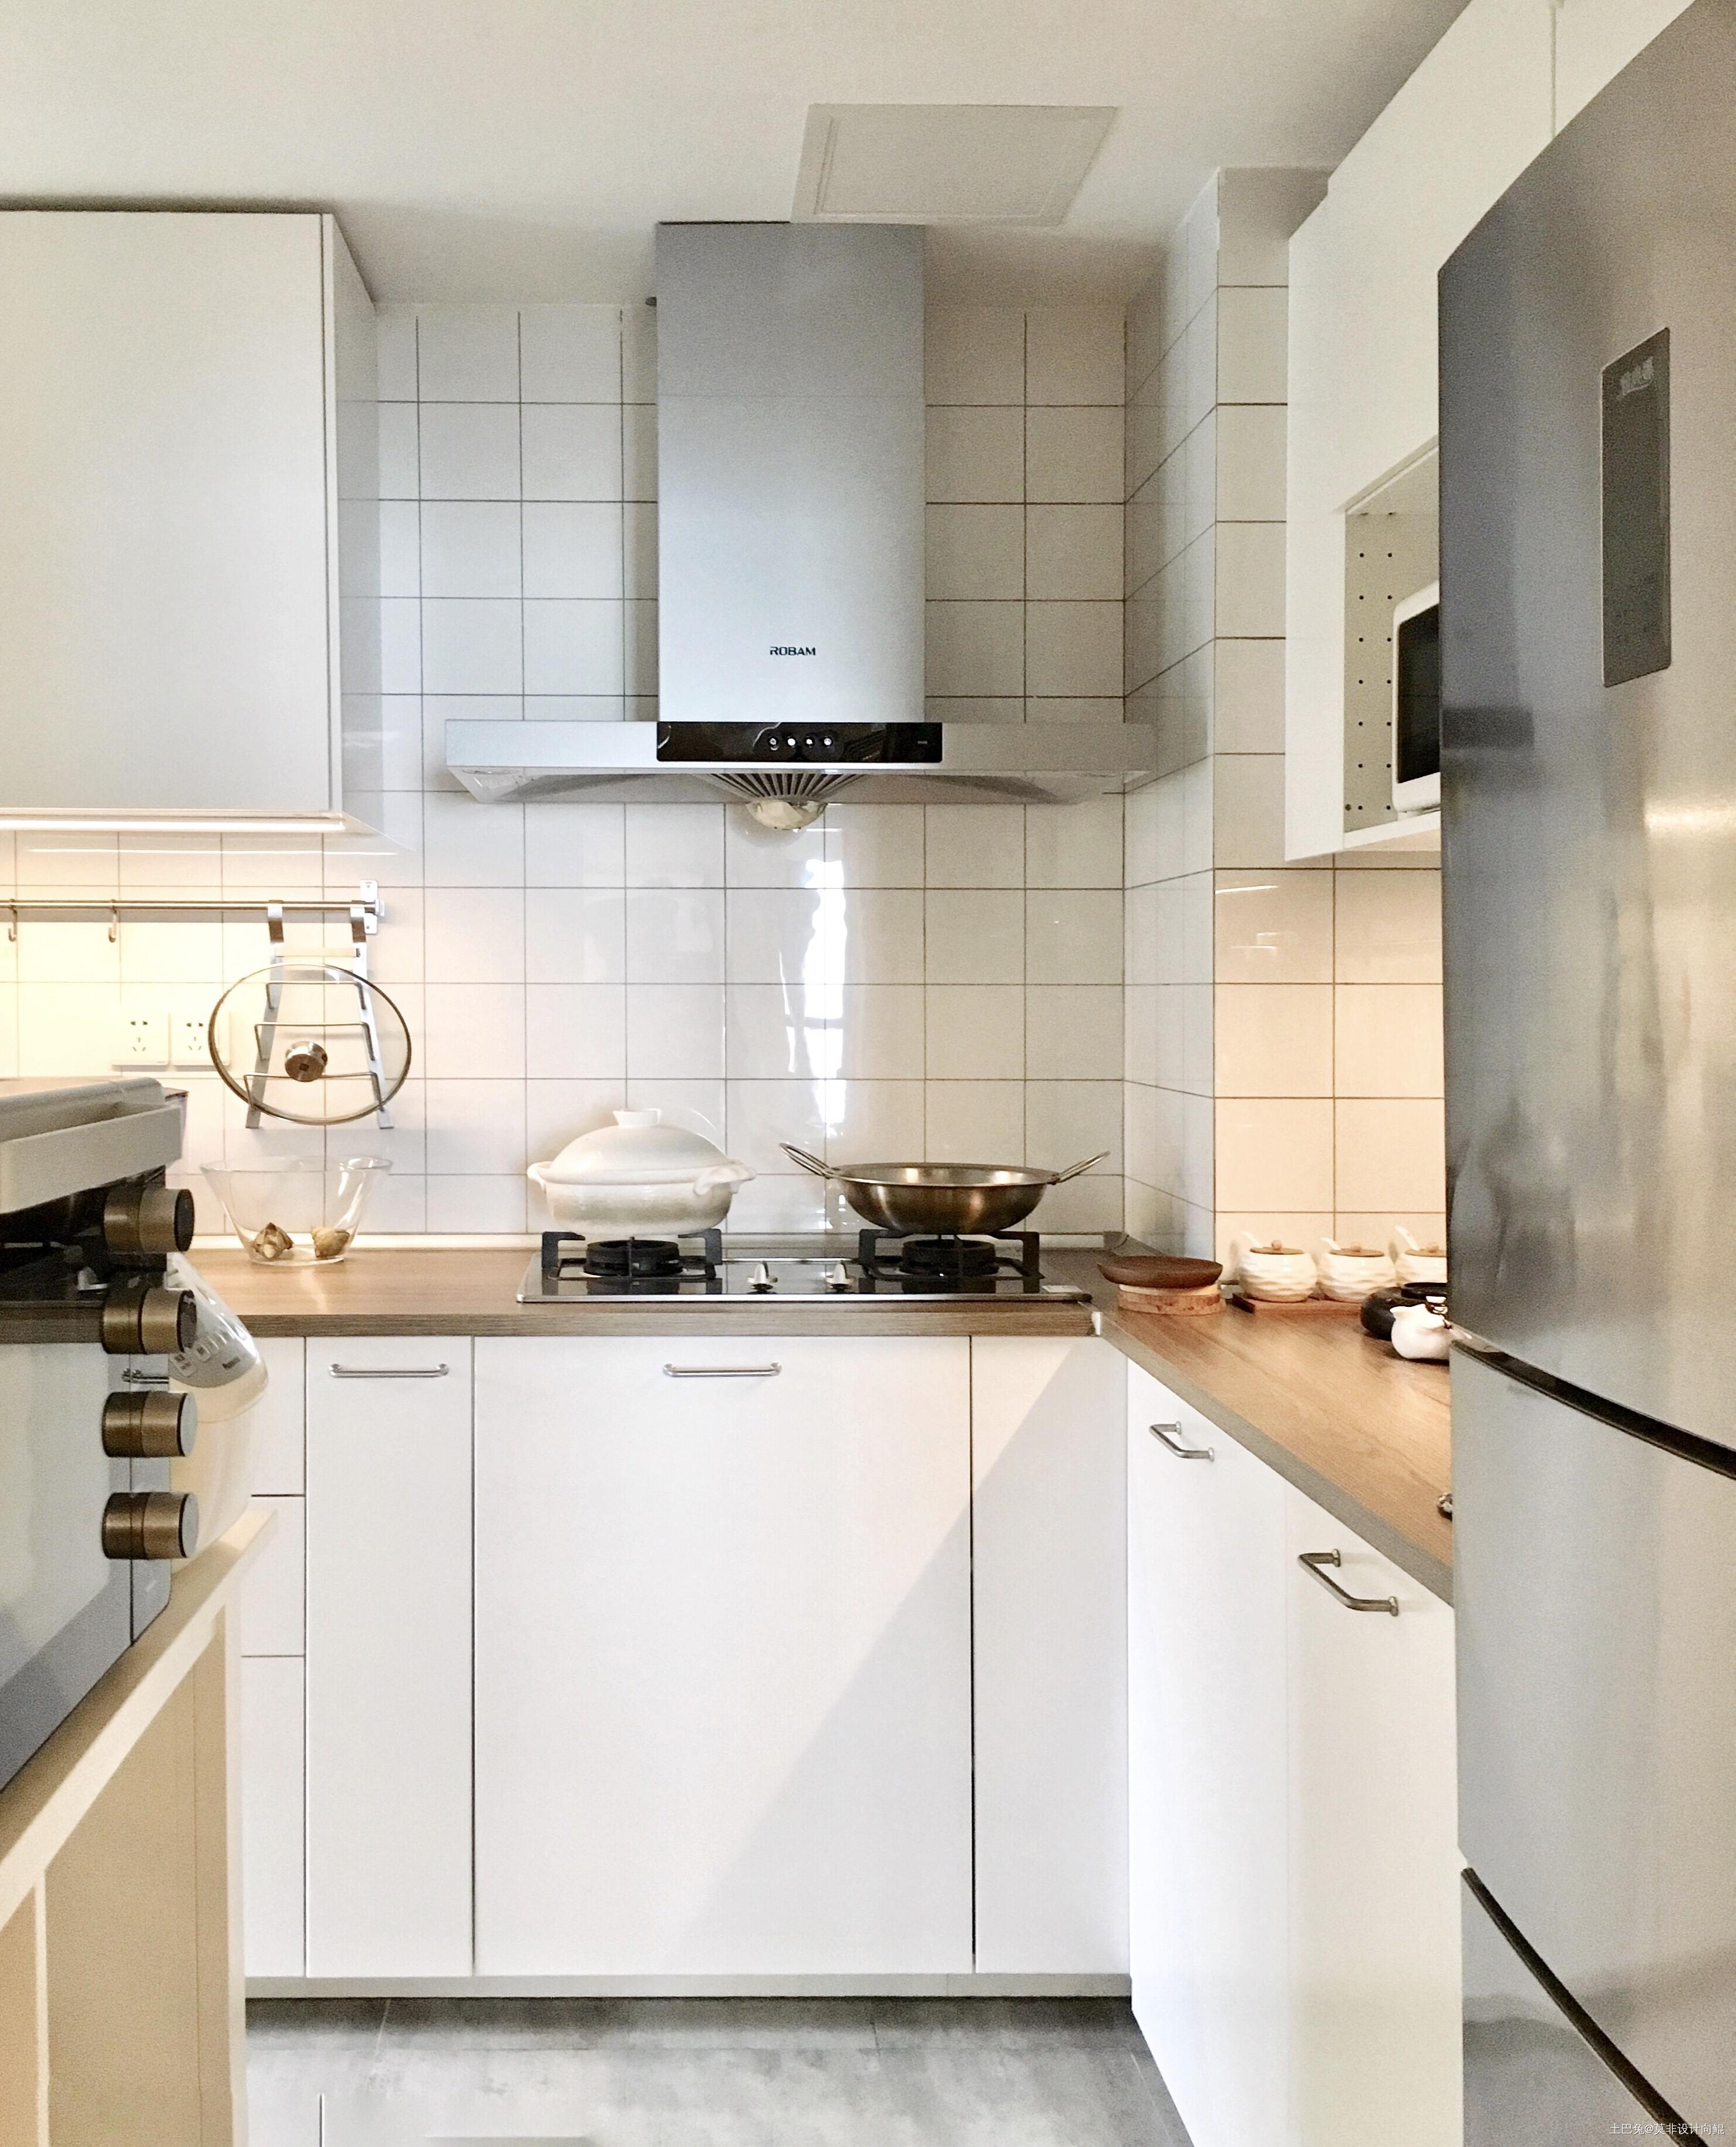 悠雅94平中式三居厨房装修装饰图餐厅橱柜中式现代厨房设计图片赏析